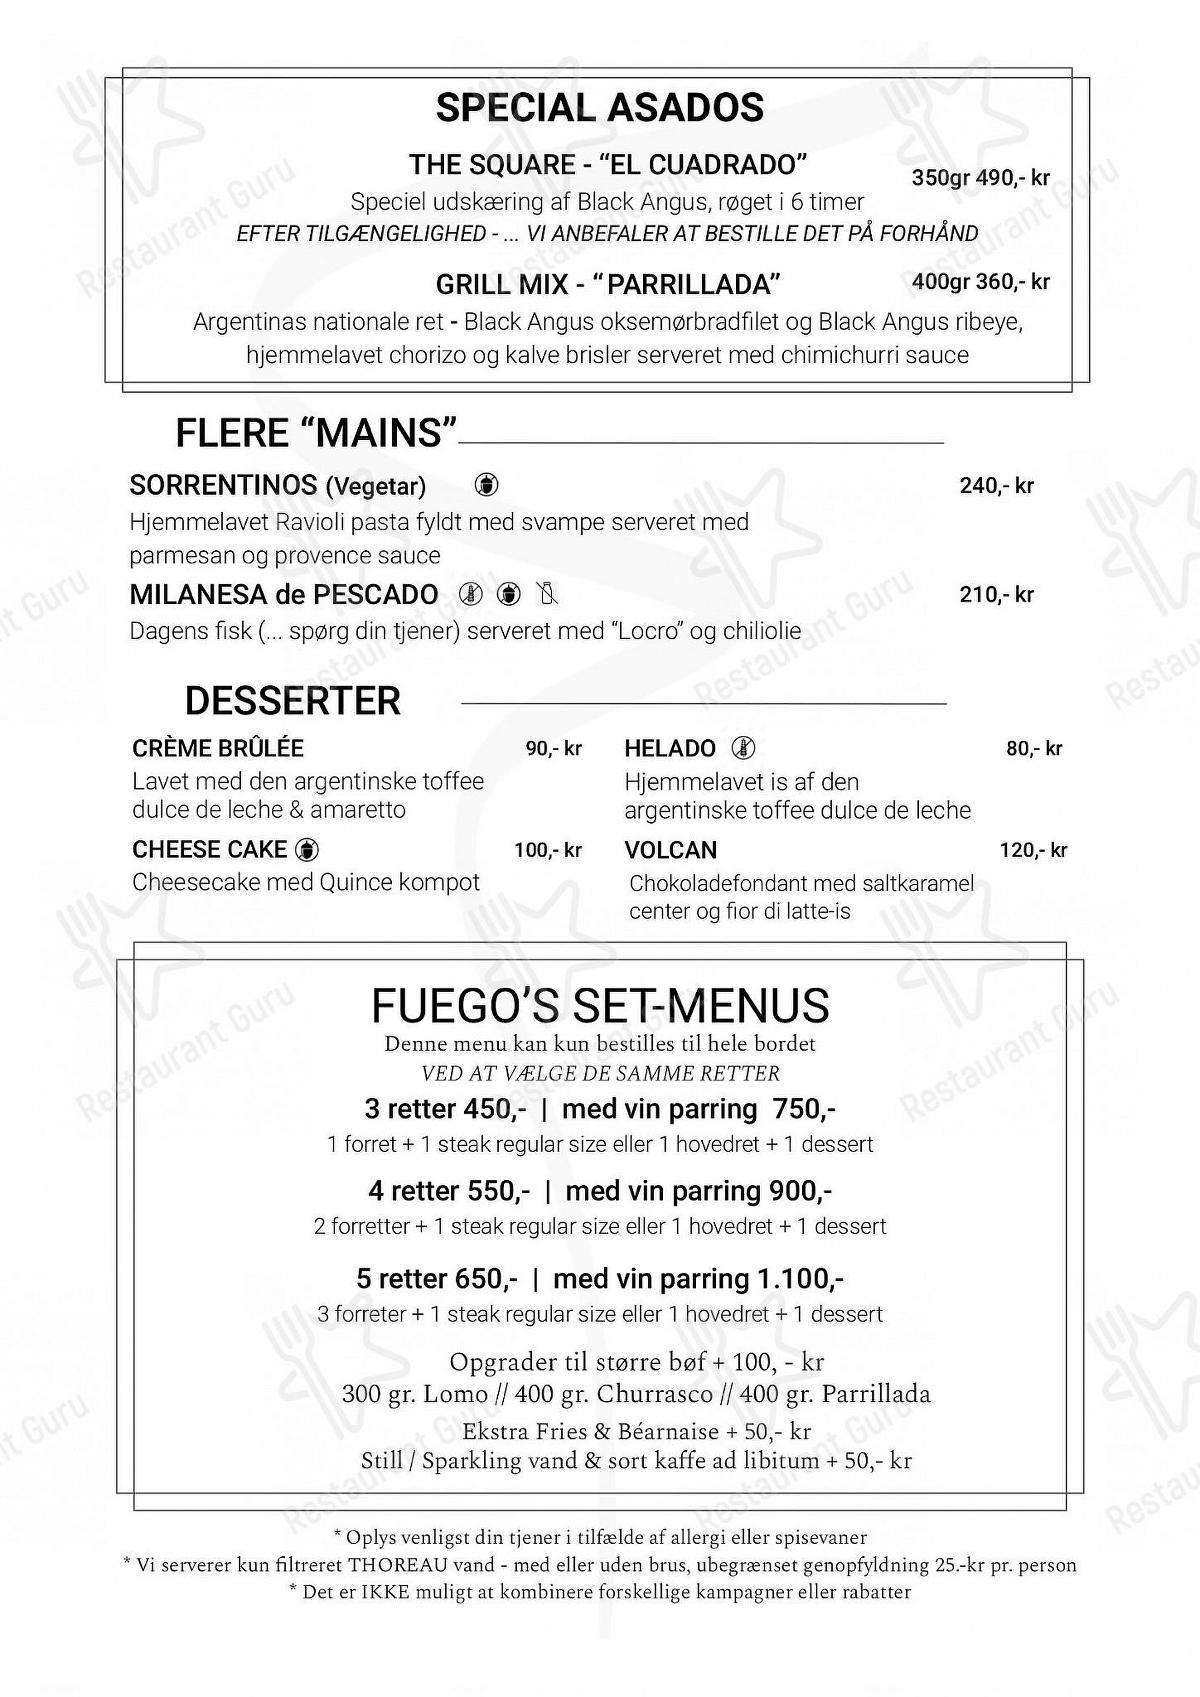 Menu for the Fuego restaurant